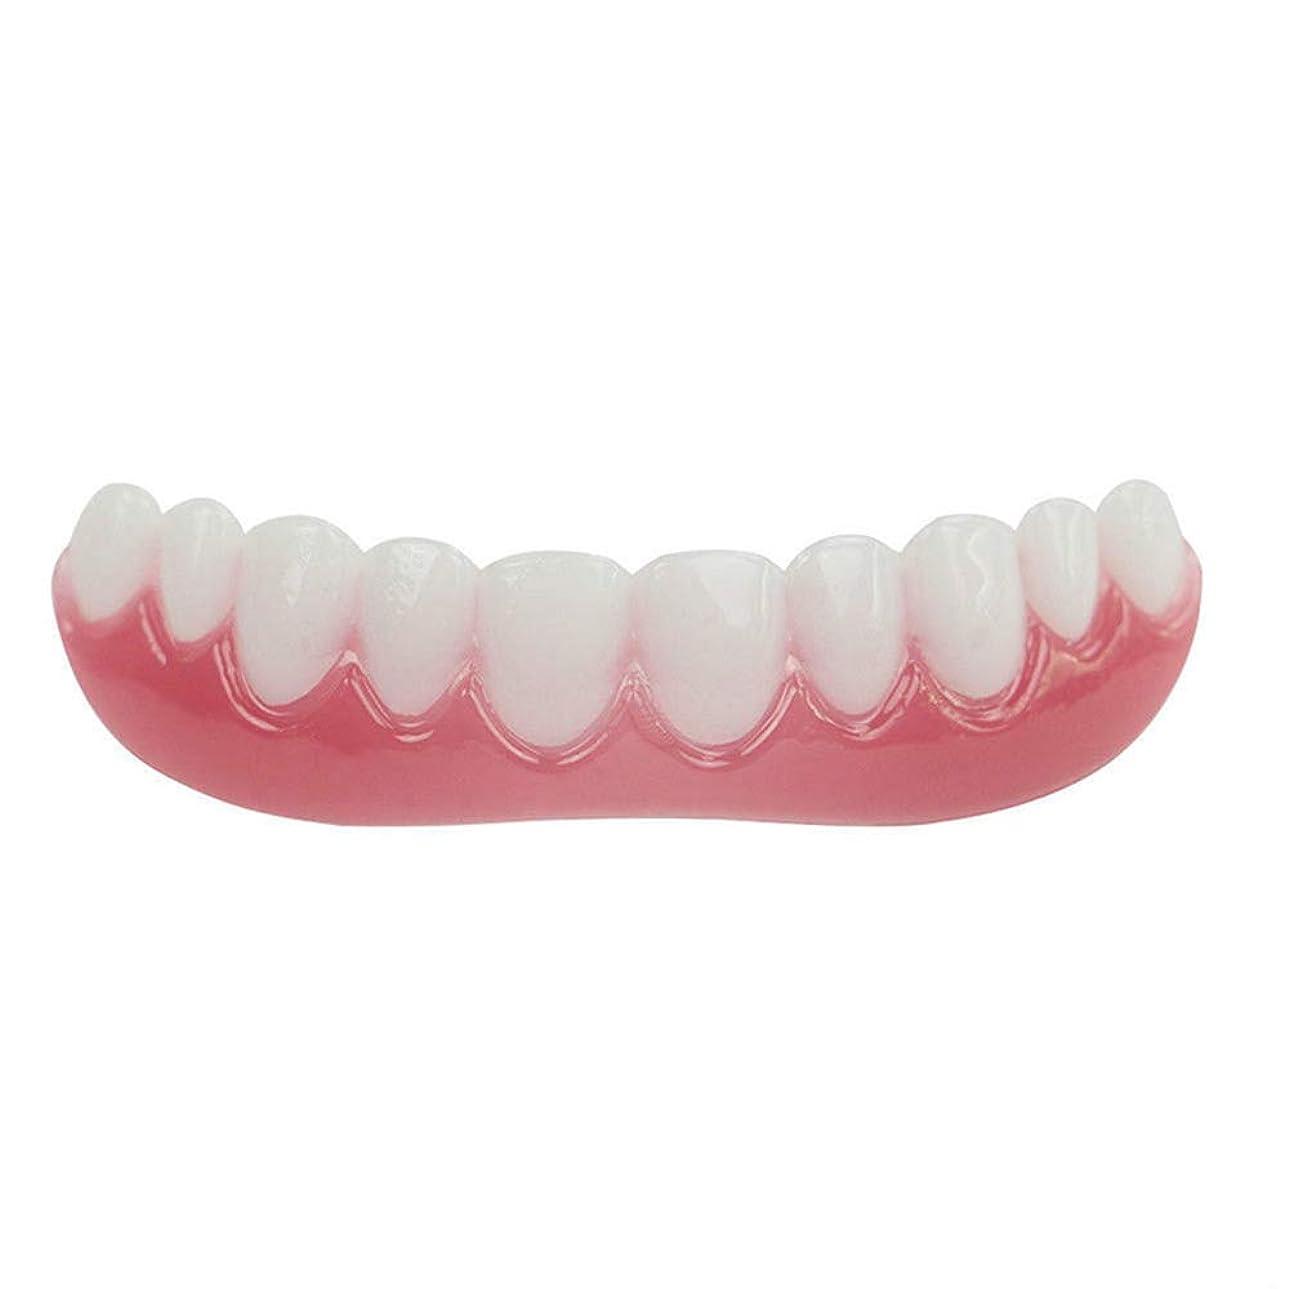 ネックレットタイプ高揚したシリコーンシミュレーション義歯、歯科用ベニヤホワイトトゥースセット(3個),Colorbox,Lower